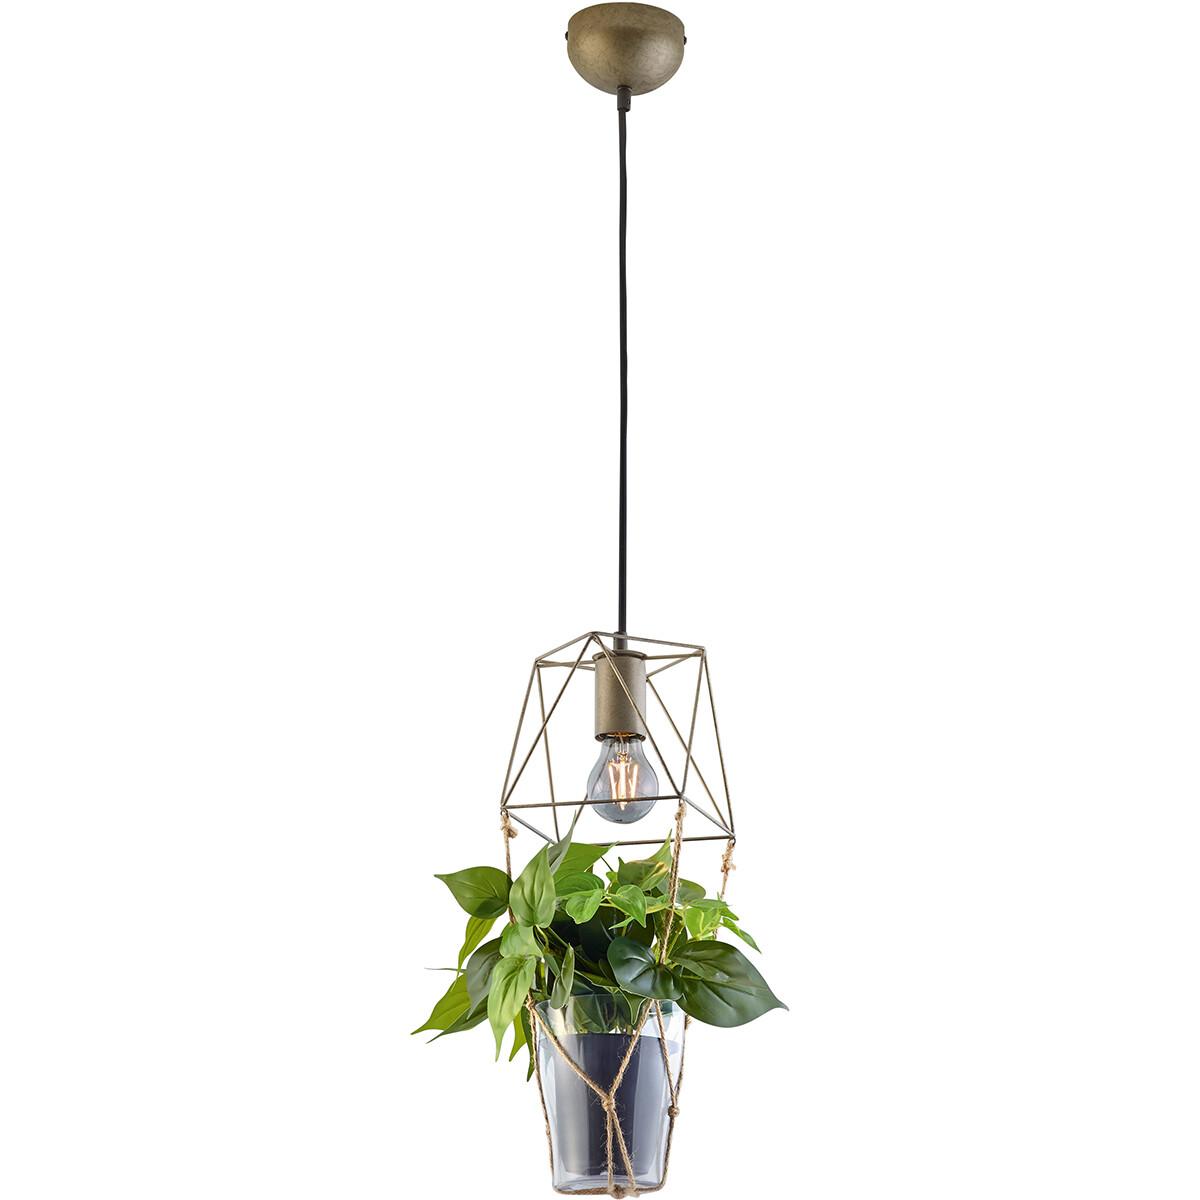 LED Hanglamp - Trion Plantan - E27 Fitting - 1-lichts - Rond - Antiek Nikkel - Aluminium